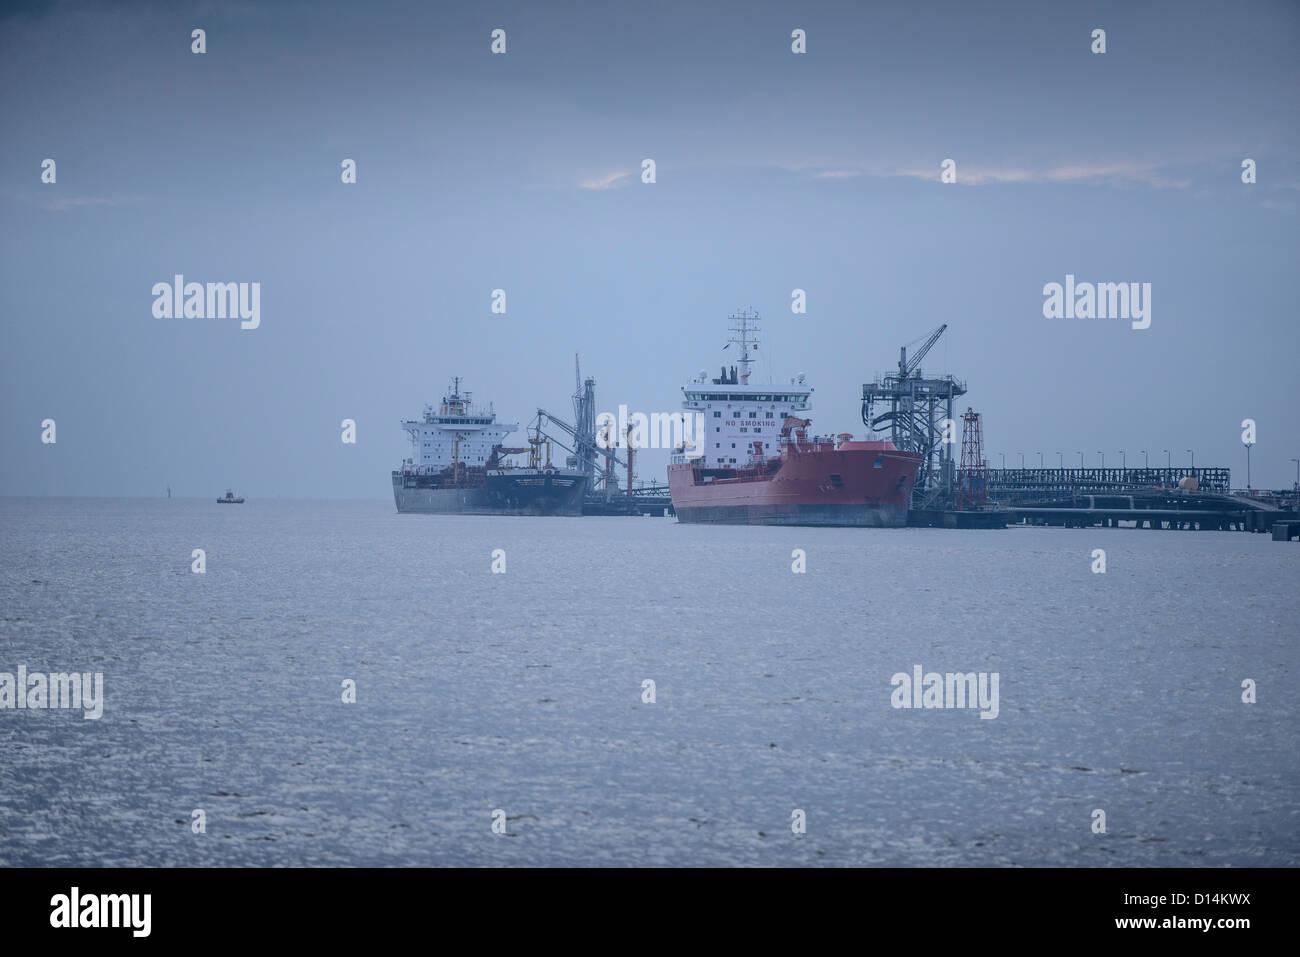 Oil tankers at sea terminal - Stock Image